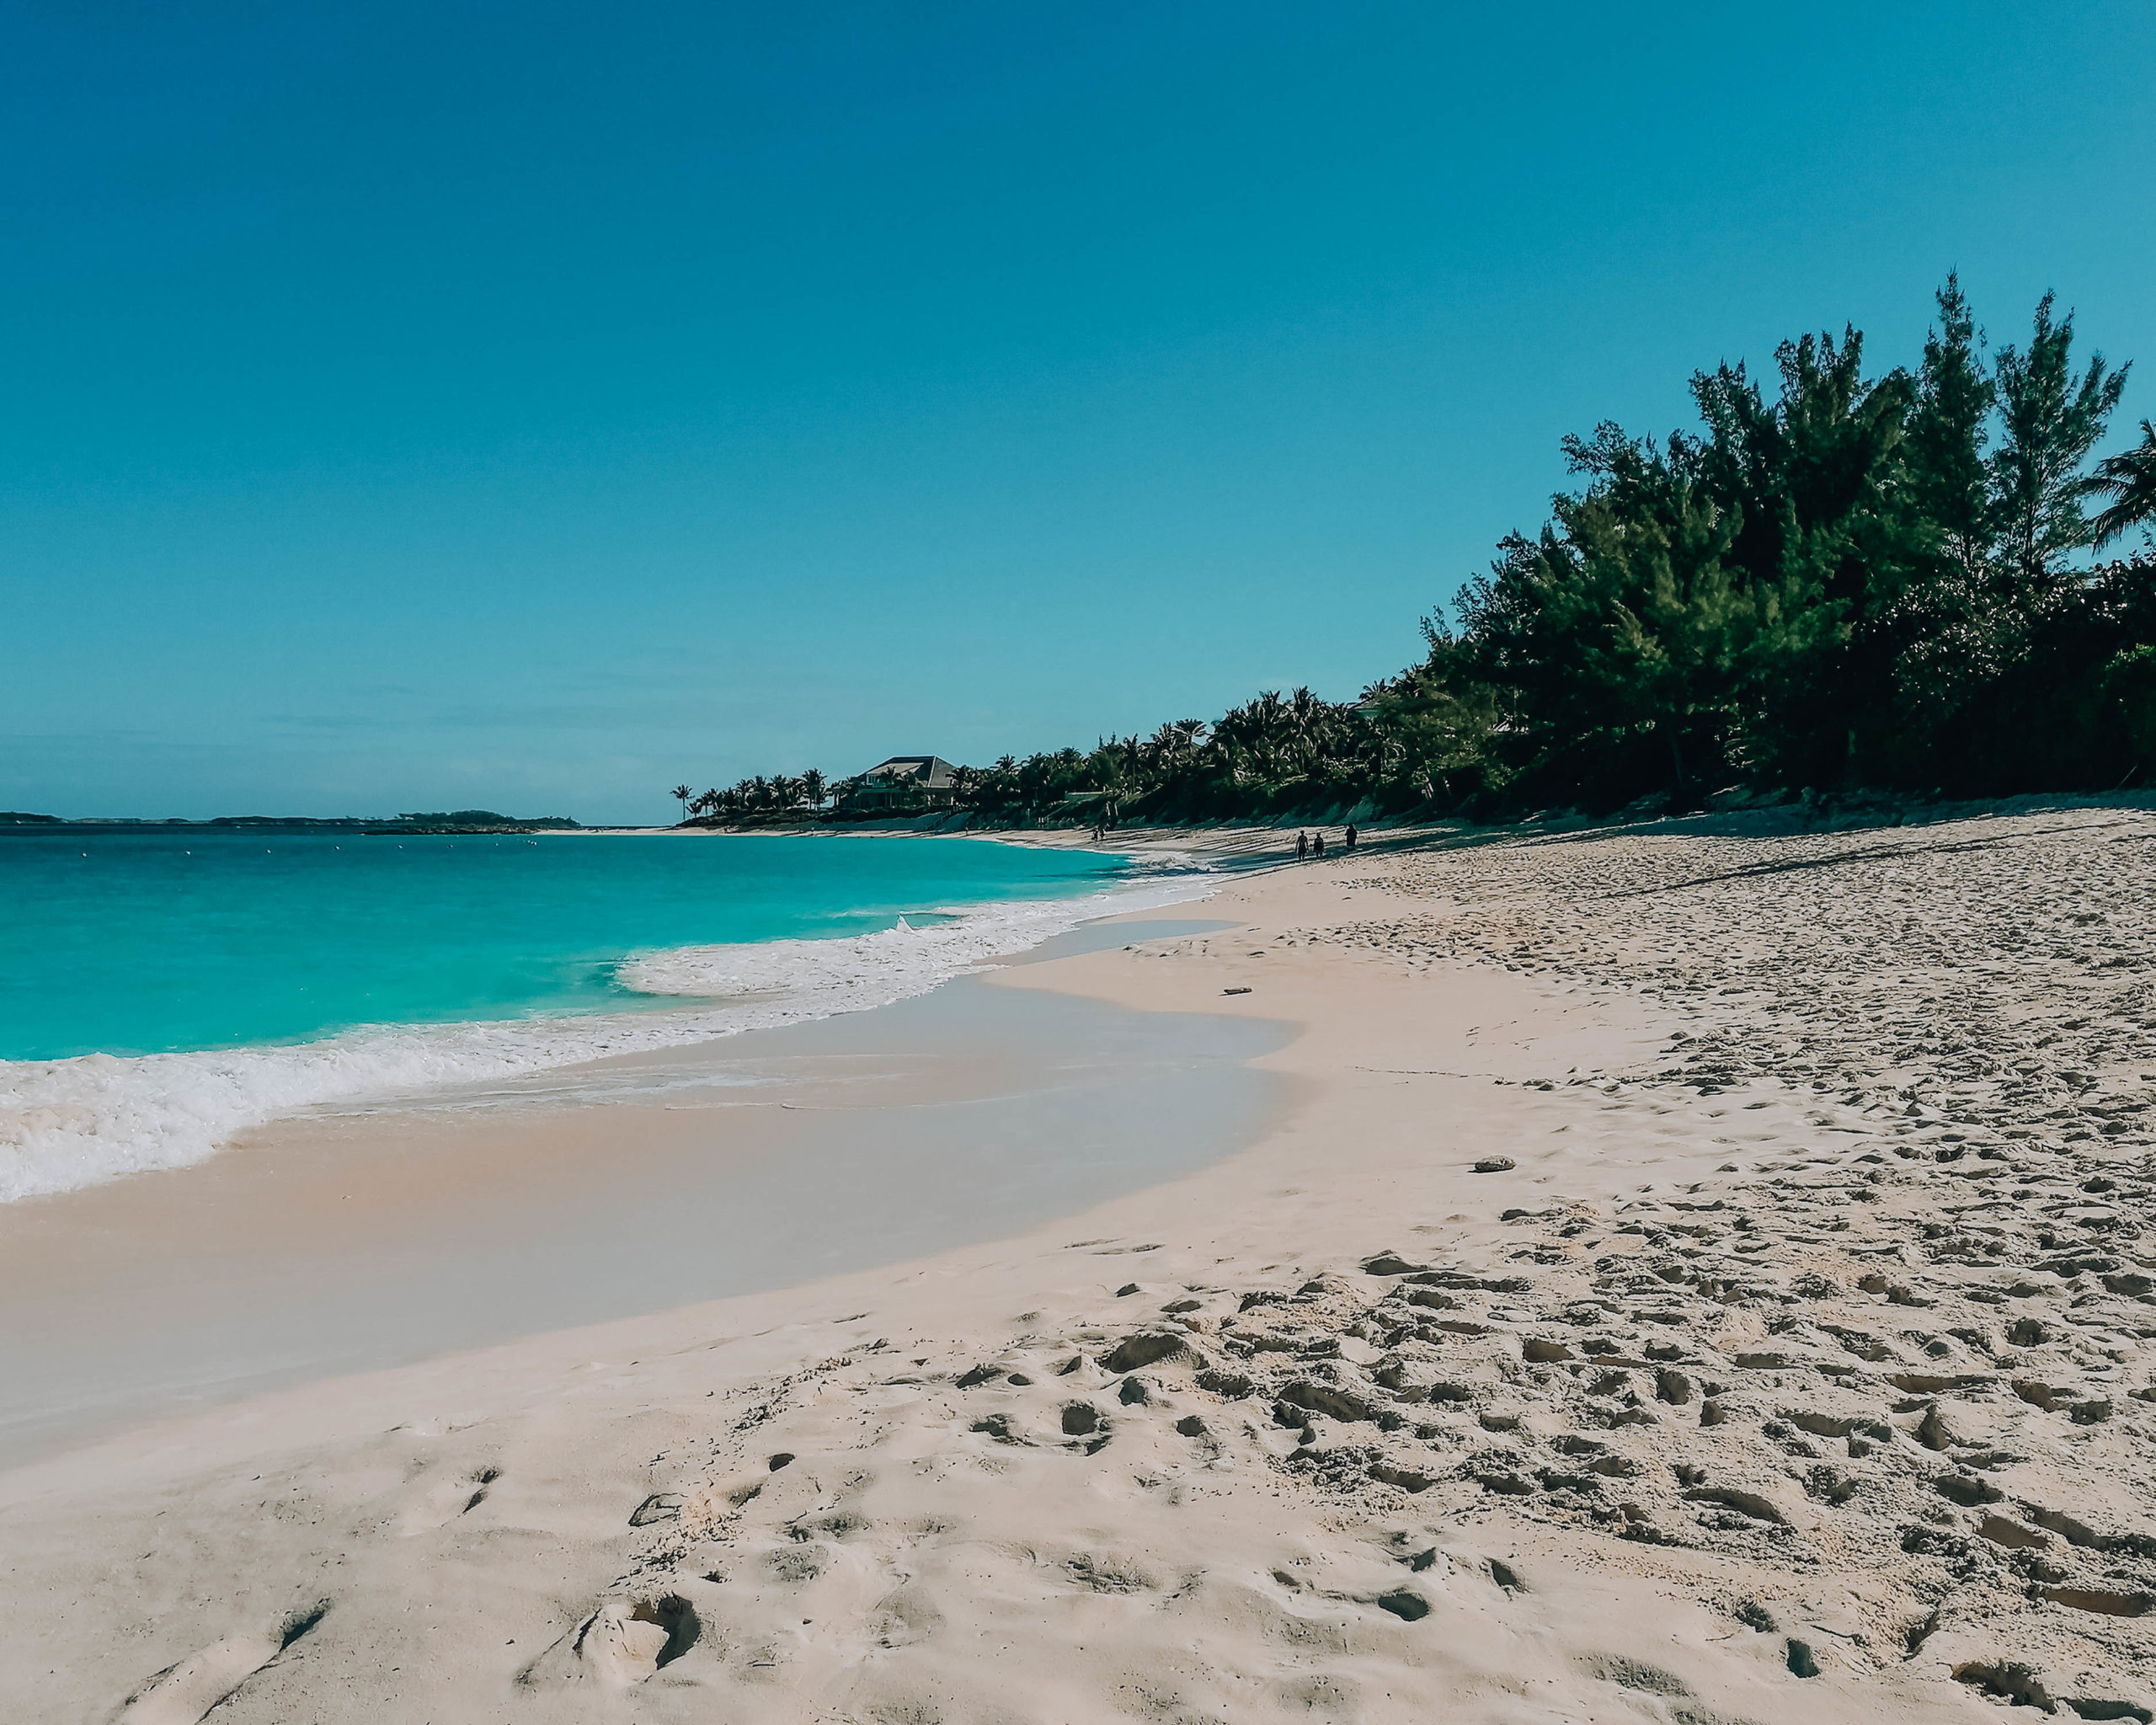 spiaggia bianca e mare cristallino